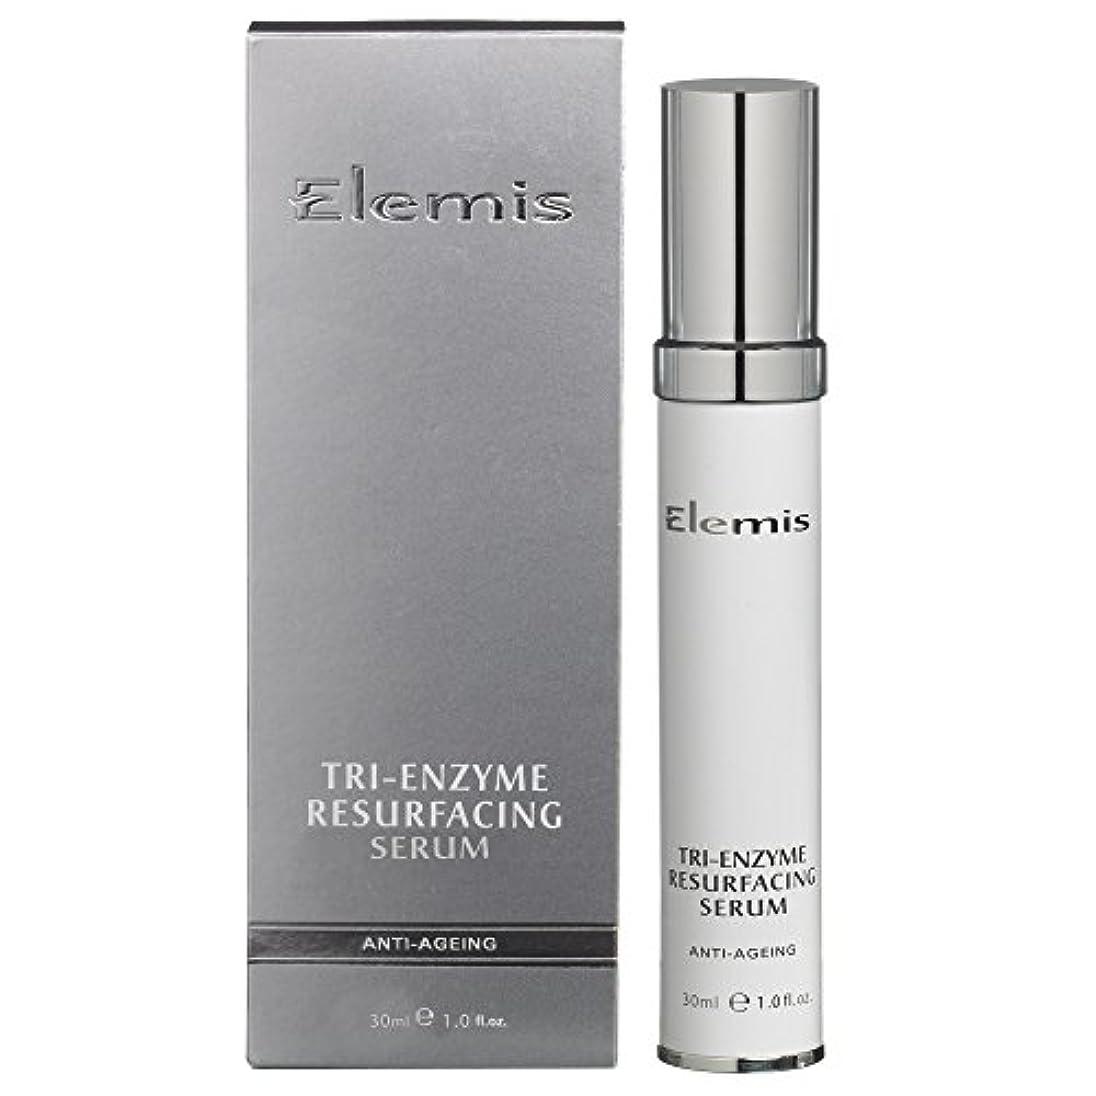 地上で大混乱航空便エレミストライ酵素リサーフェシング血清 (Elemis) (x6) - Elemis Tri-Enzyme Resurfacing Serum (Pack of 6) [並行輸入品]